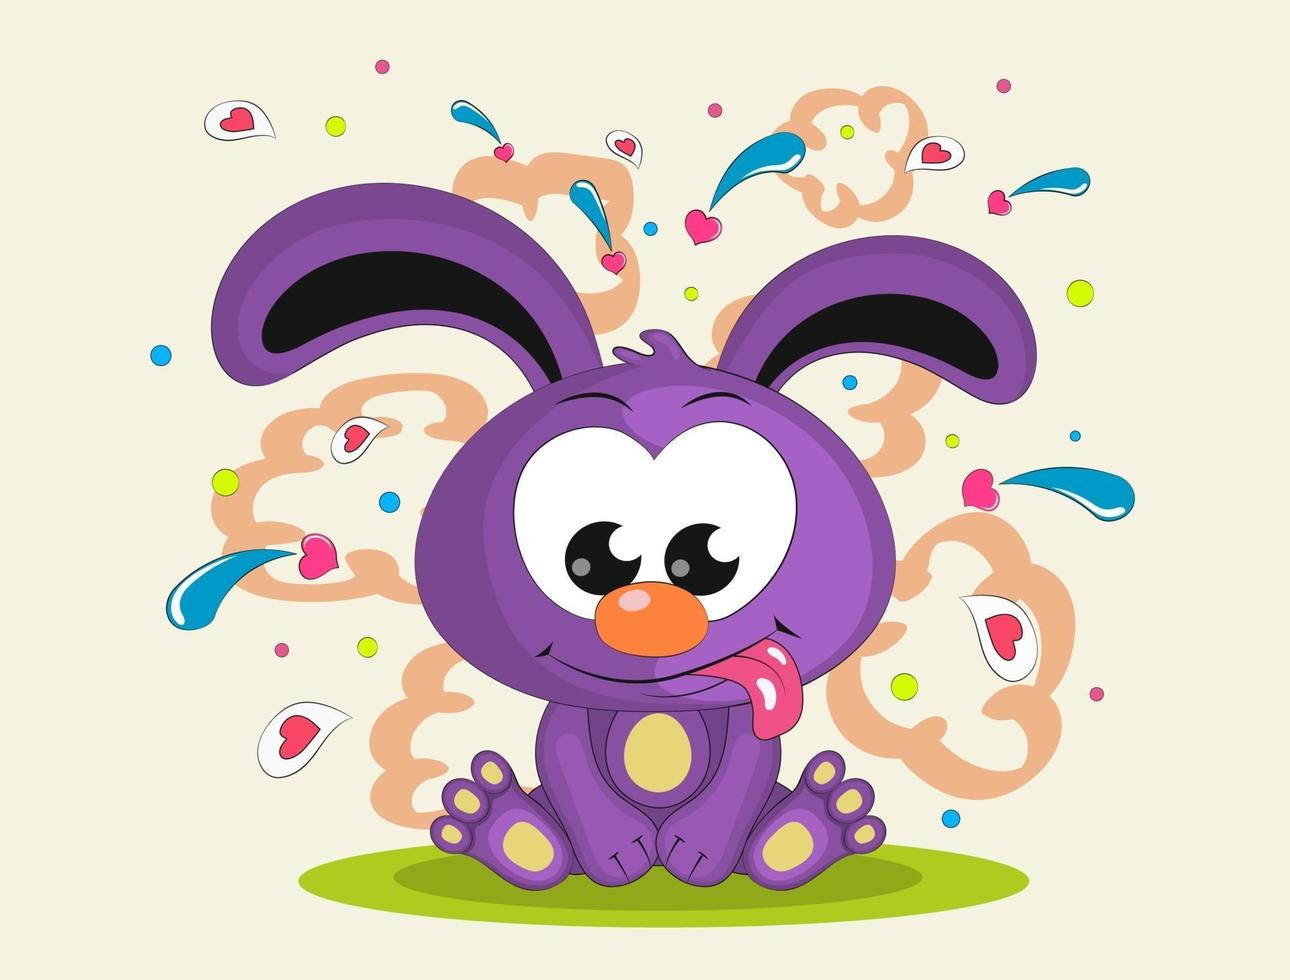 süßes Kaninchen sitzt und zeigt Zunge. Illustration im Karikaturstil lokalisiert auf weißem Hintergrund. vektor